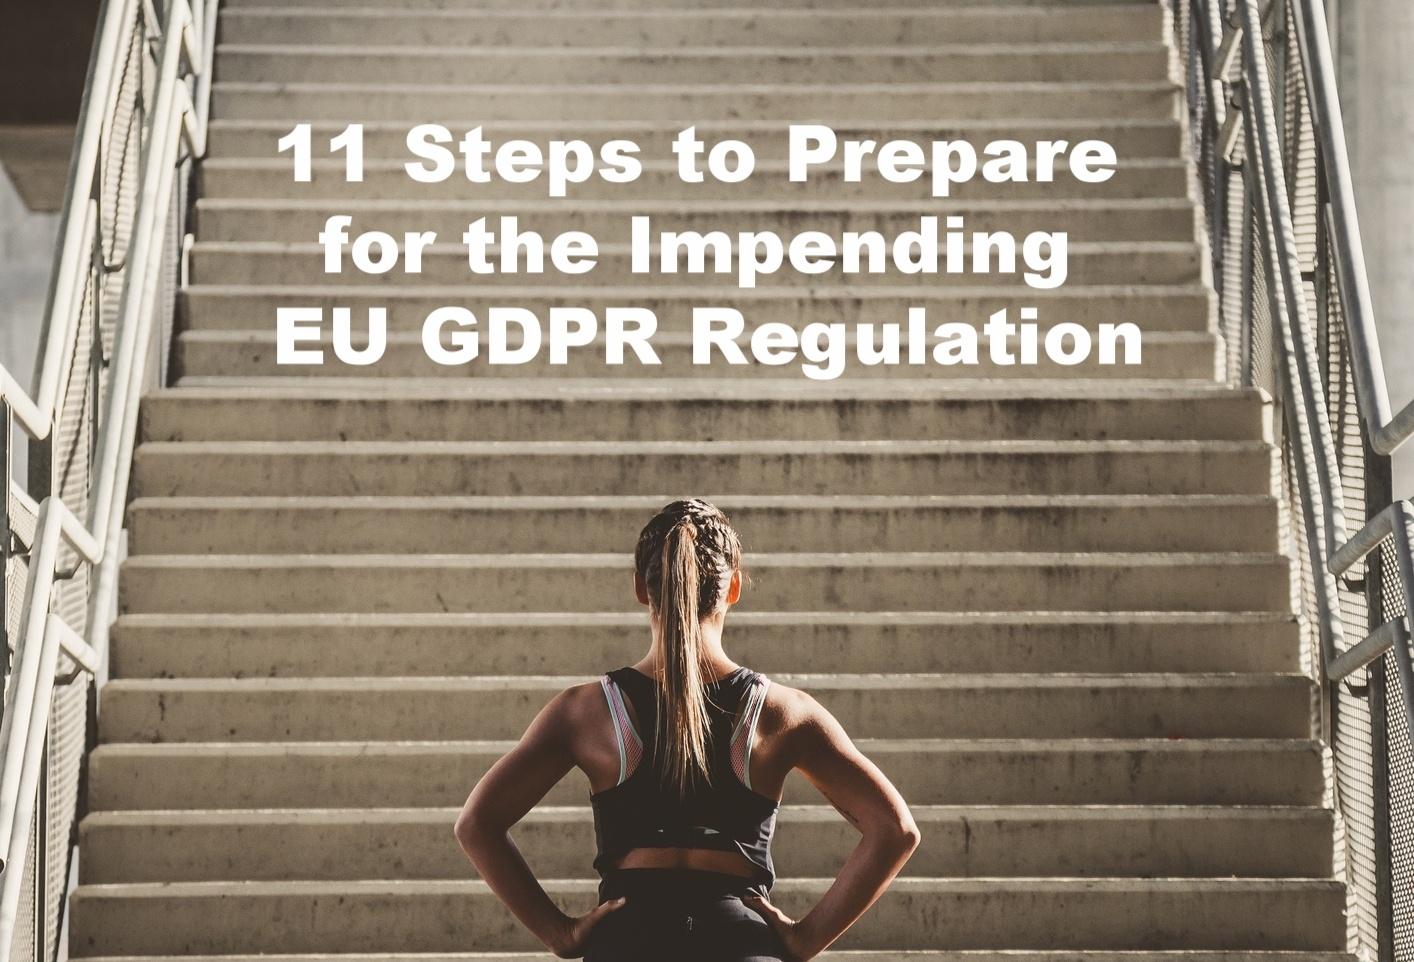 11 Steps to Prepare for the Impending EU GDPR Regulation